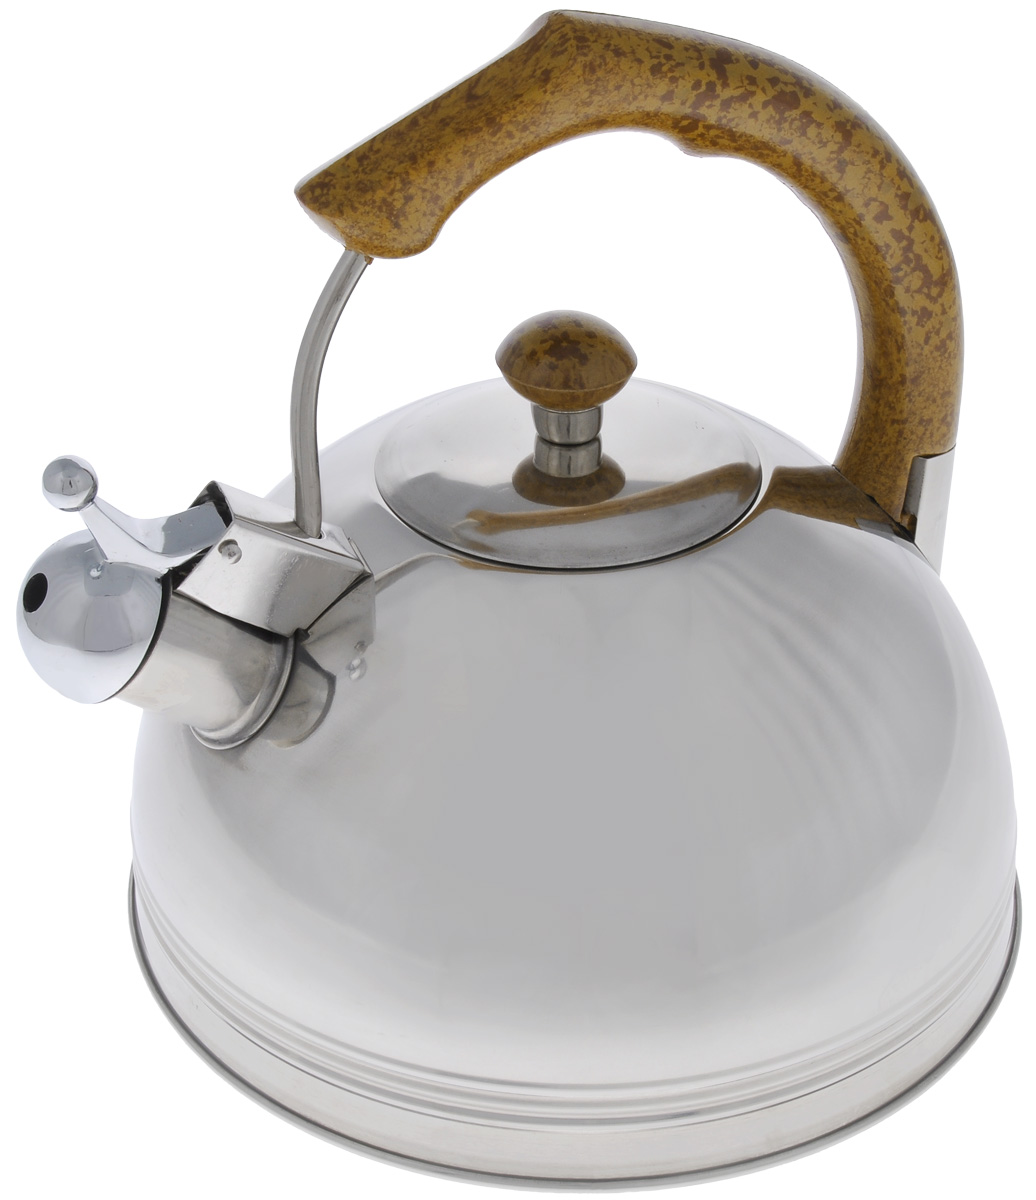 Чайник Mayer & Boch, со свистком, 2,5 л. 608854 009312Чайник Mayer & Boch выполнен из высококачественной нержавеющей стали, что делает его весьма гигиеничным и устойчивым к износу при длительном использовании. Капсулированное дно с прослойкой из алюминия обеспечивает наилучшее распределение тепла. Носик чайника оснащен насадкой-свистком, что позволит вам контролировать процесс подогрева или кипячения воды. Фиксированная ручка, изготовленная из бакелита в цвет дерева, делает использование чайника очень удобным и безопасным. Поверхность чайника гладкая, что облегчает уход за ним. Эстетичный и функциональный, с эксклюзивным дизайном, чайник будет оригинально смотреться в любом интерьере.Подходит для всех типов плит, кроме индукционных. Можно мыть в посудомоечной машине.Высота чайника (без учета ручки и крышки): 8,5 см.Высота чайника (с учетом ручки и крышки): 21 см.Диаметр чайника (по верхнему краю): 11,5 см.